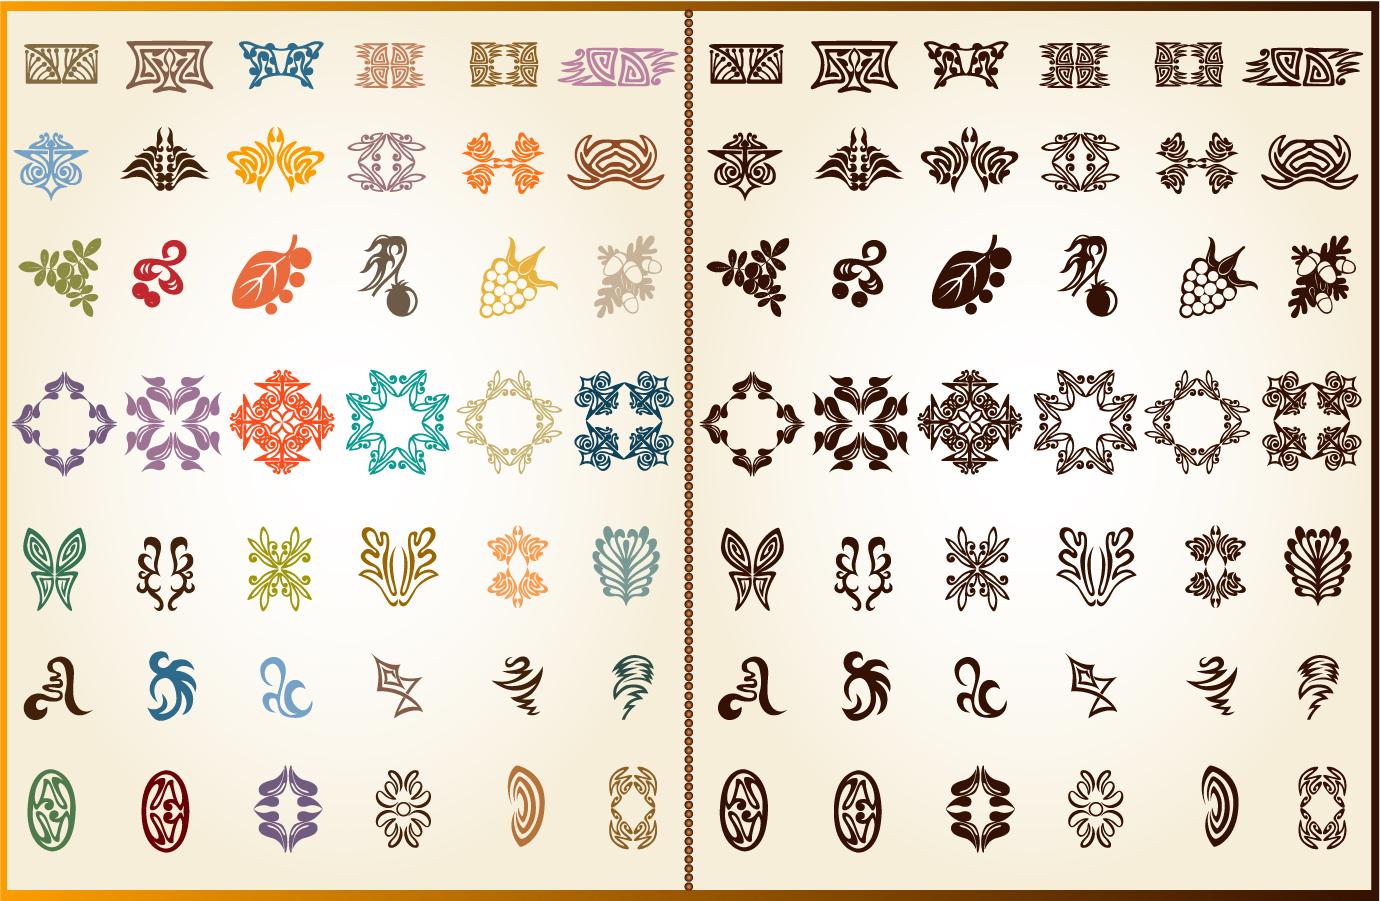 レースパターンの飾り素材 lace patterns corner textures イラスト素材